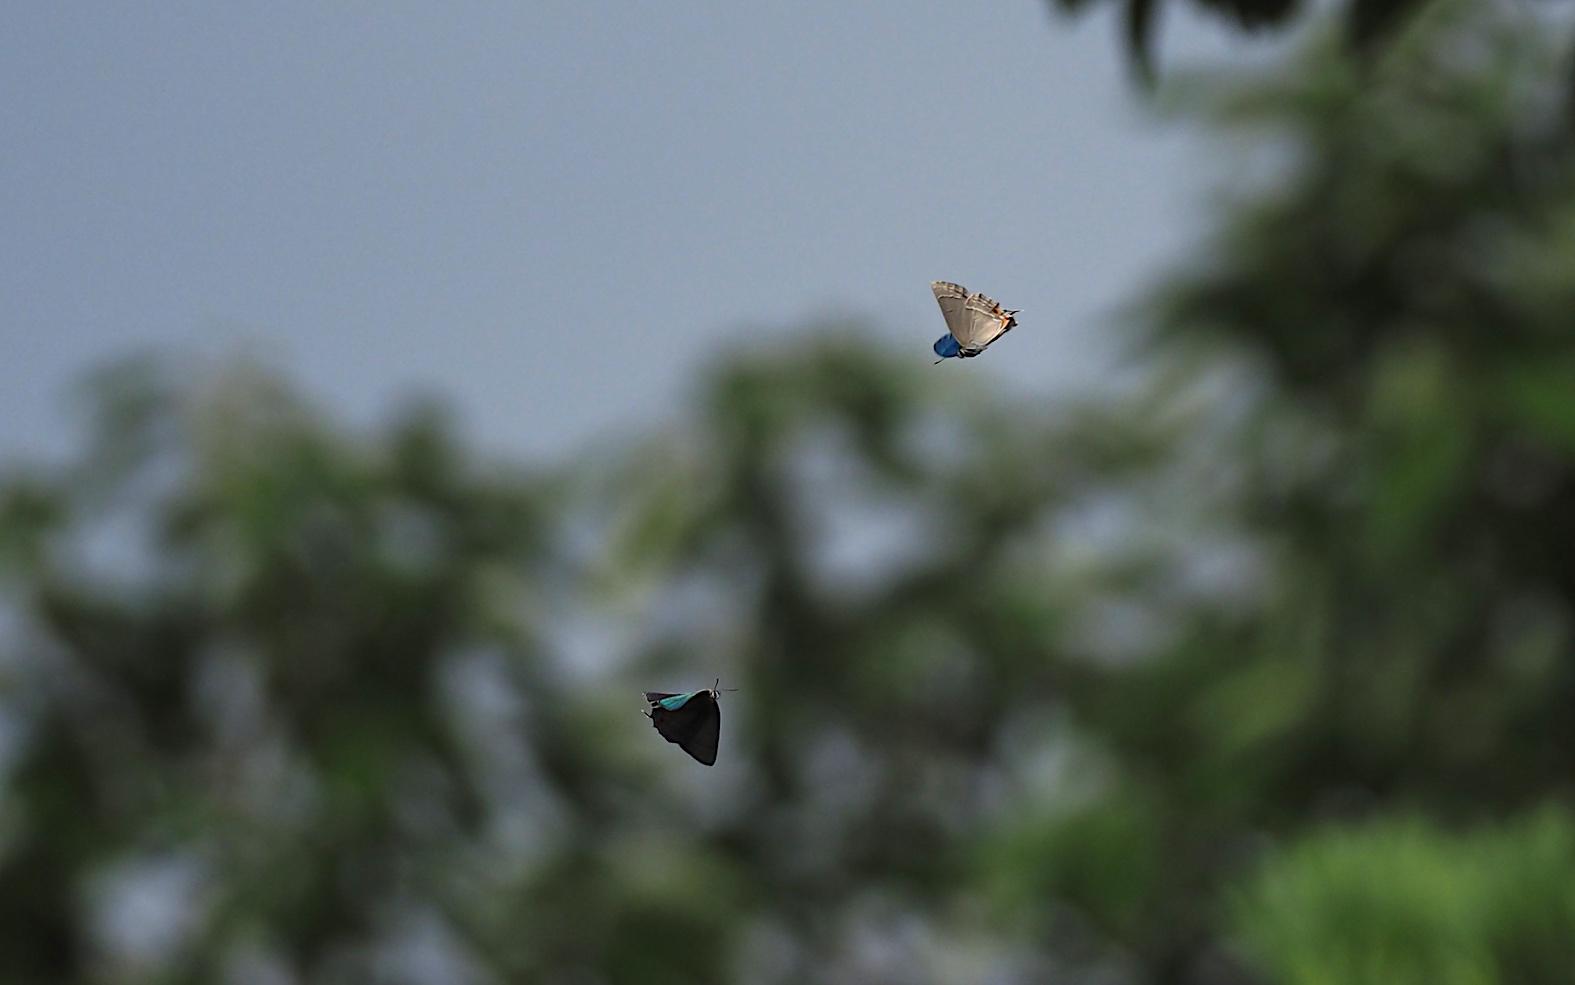 オオミドリシジミ三昧の日・その3 卍巴飛翔編(2018年6月7日)_d0303129_4271569.jpg